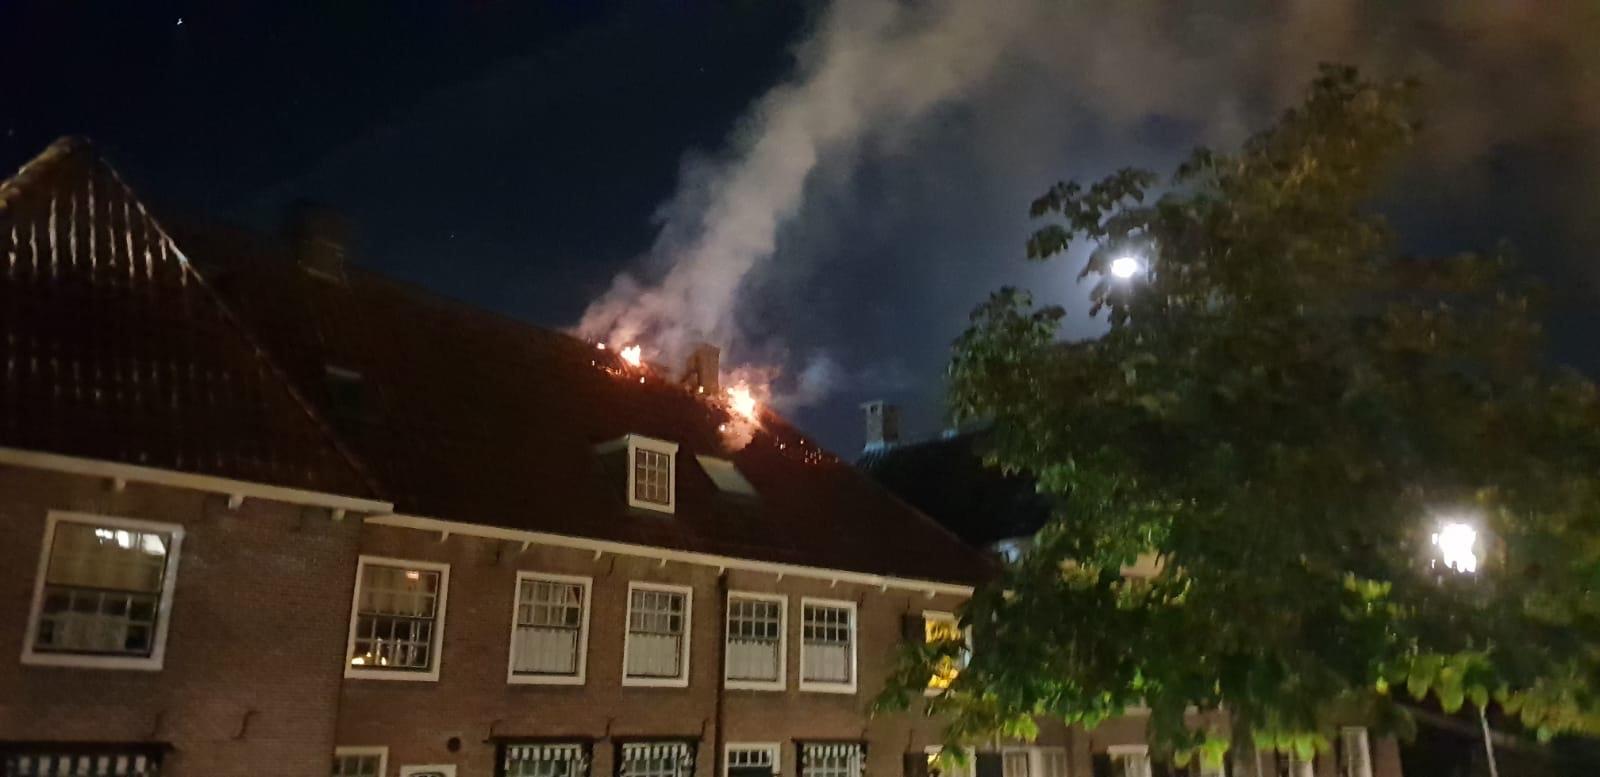 Vlammen slaan uit dak in Linschoten